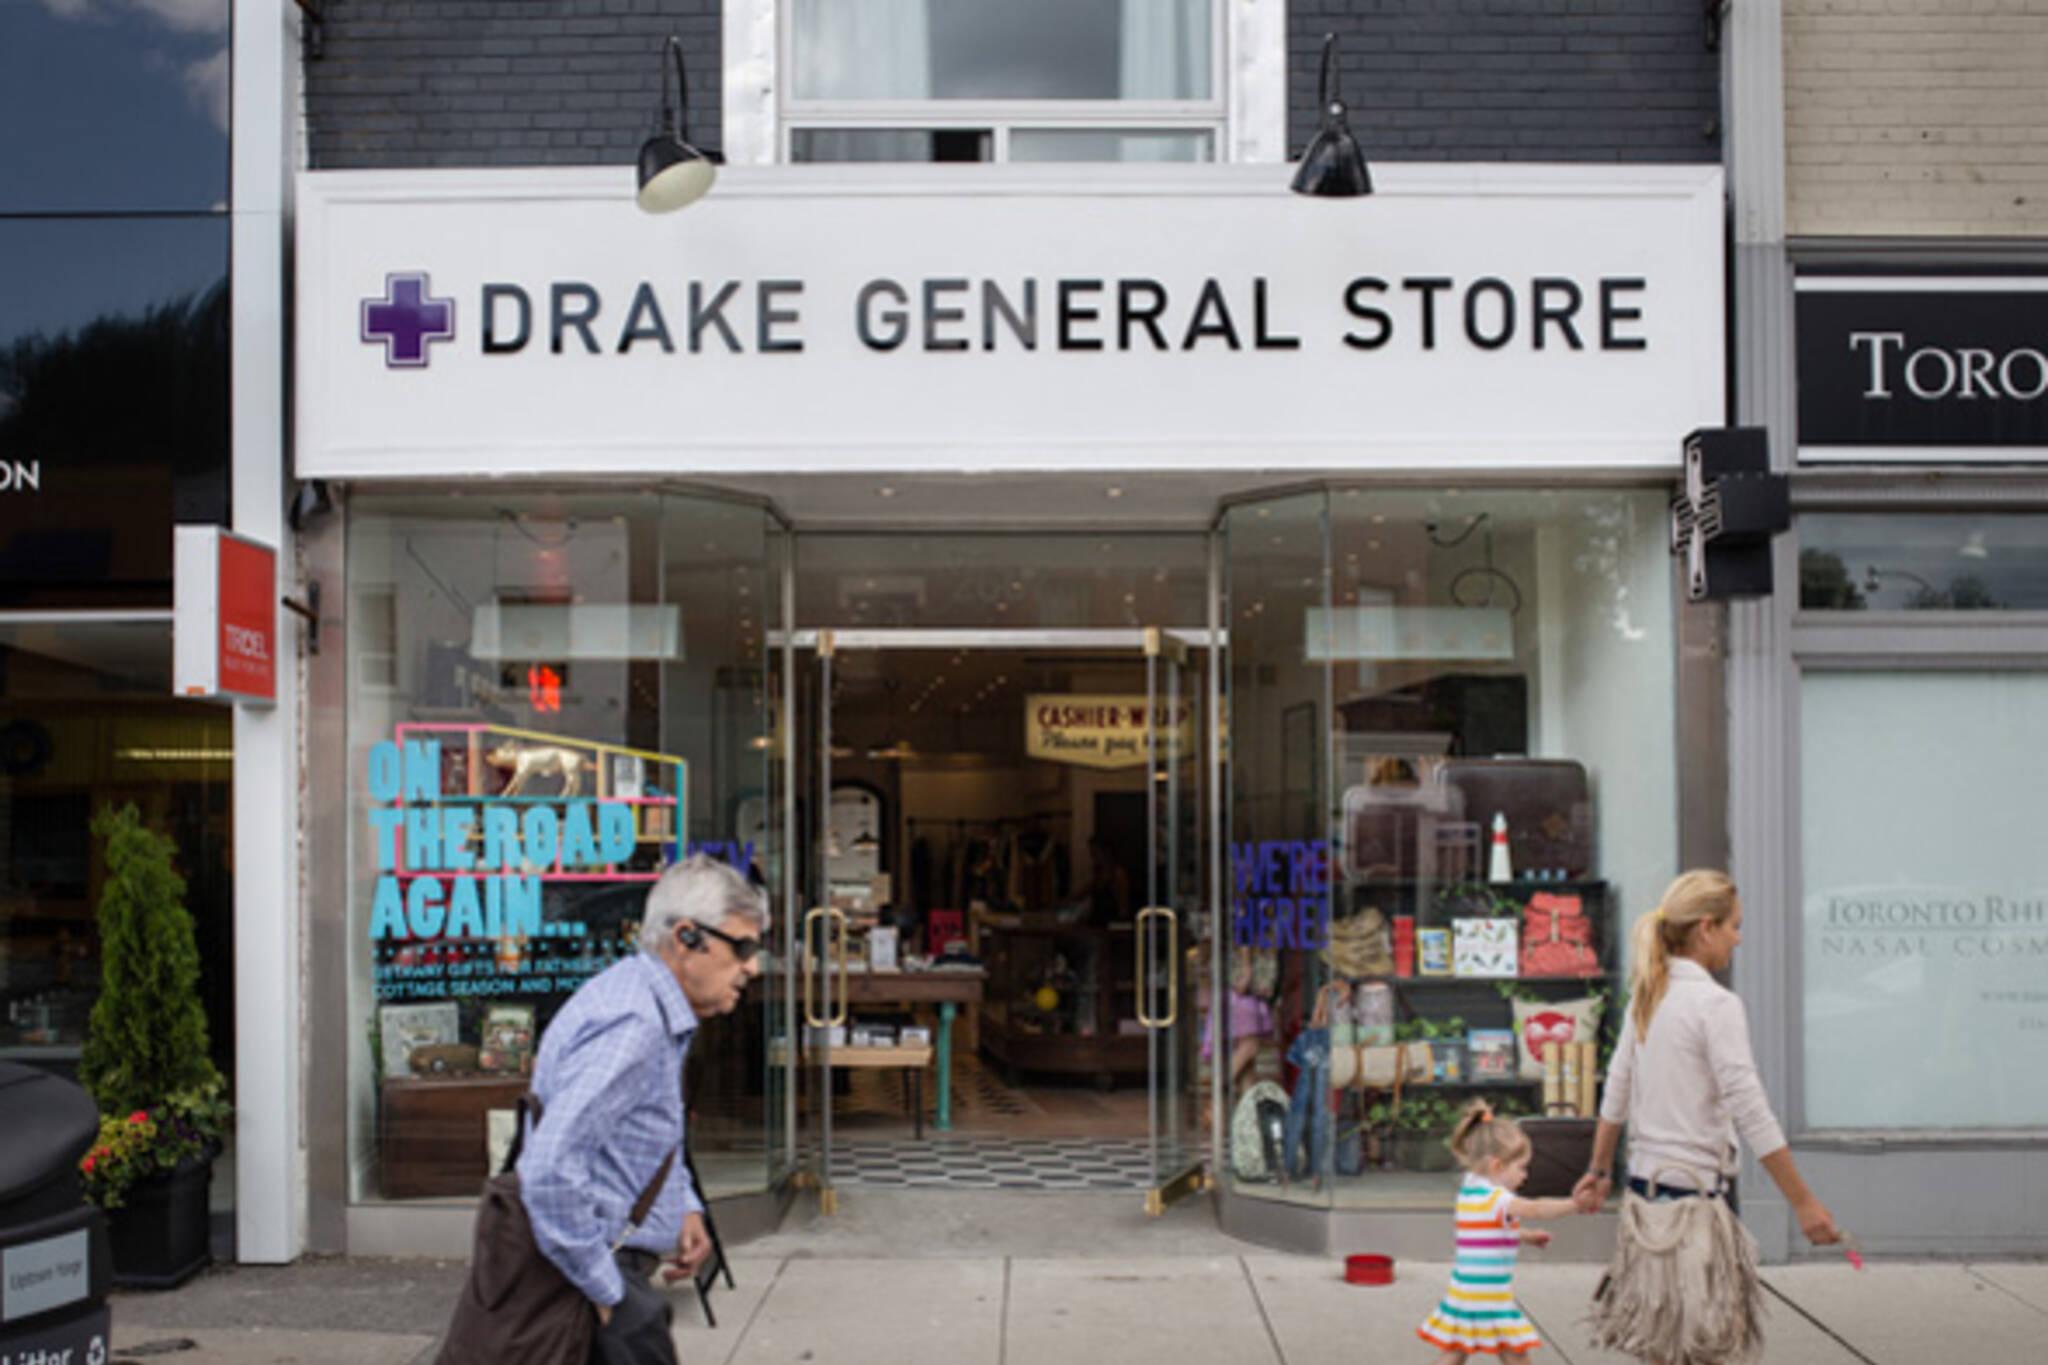 Drake General Store Yonge and Eglinton Toronto